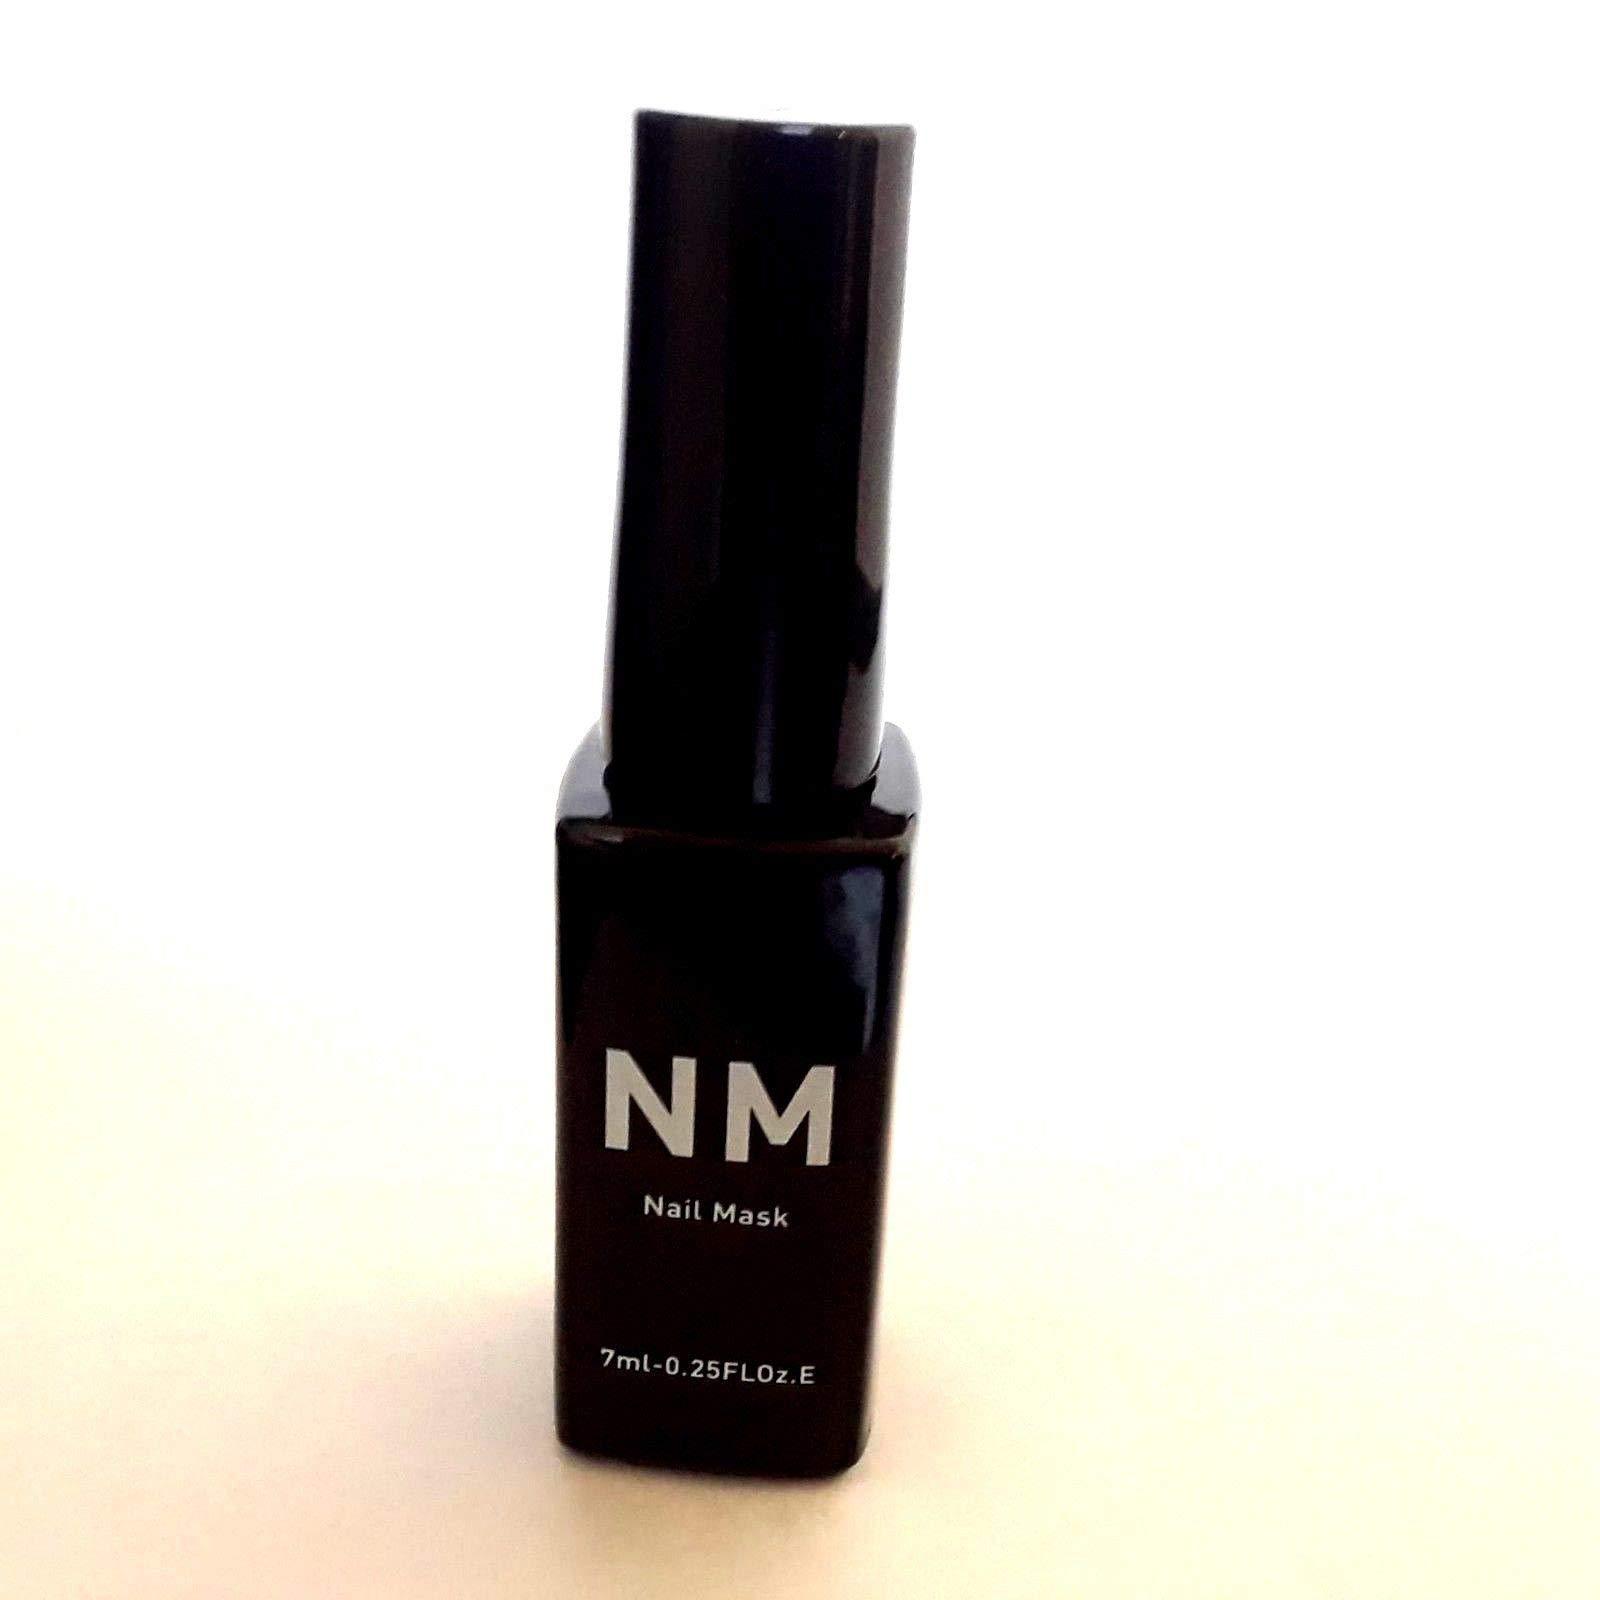 Nail Mask (7ml/bottle) for O2nails Nail Printer